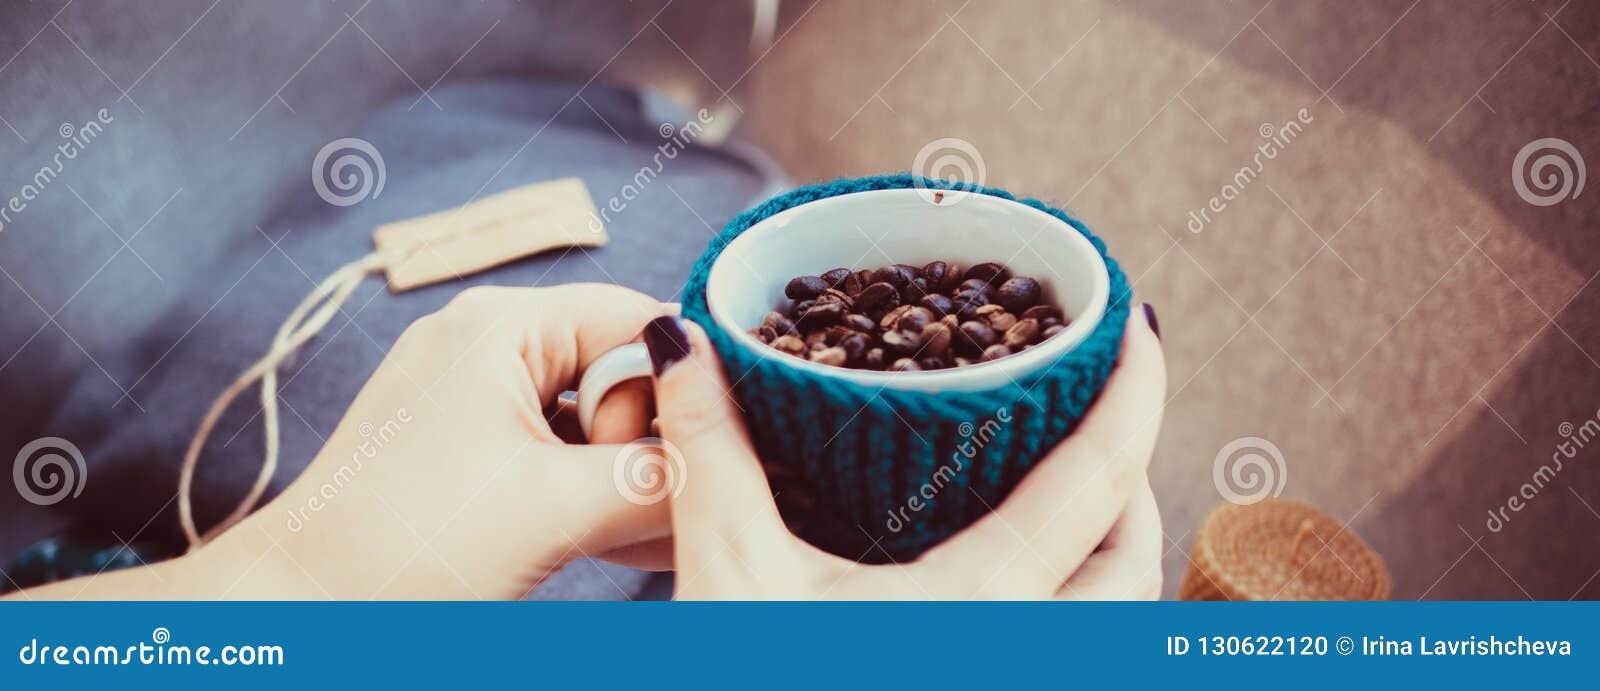 杯咖啡豆,手和温暖的毛衣,装饰用被带领的光,顶视图点